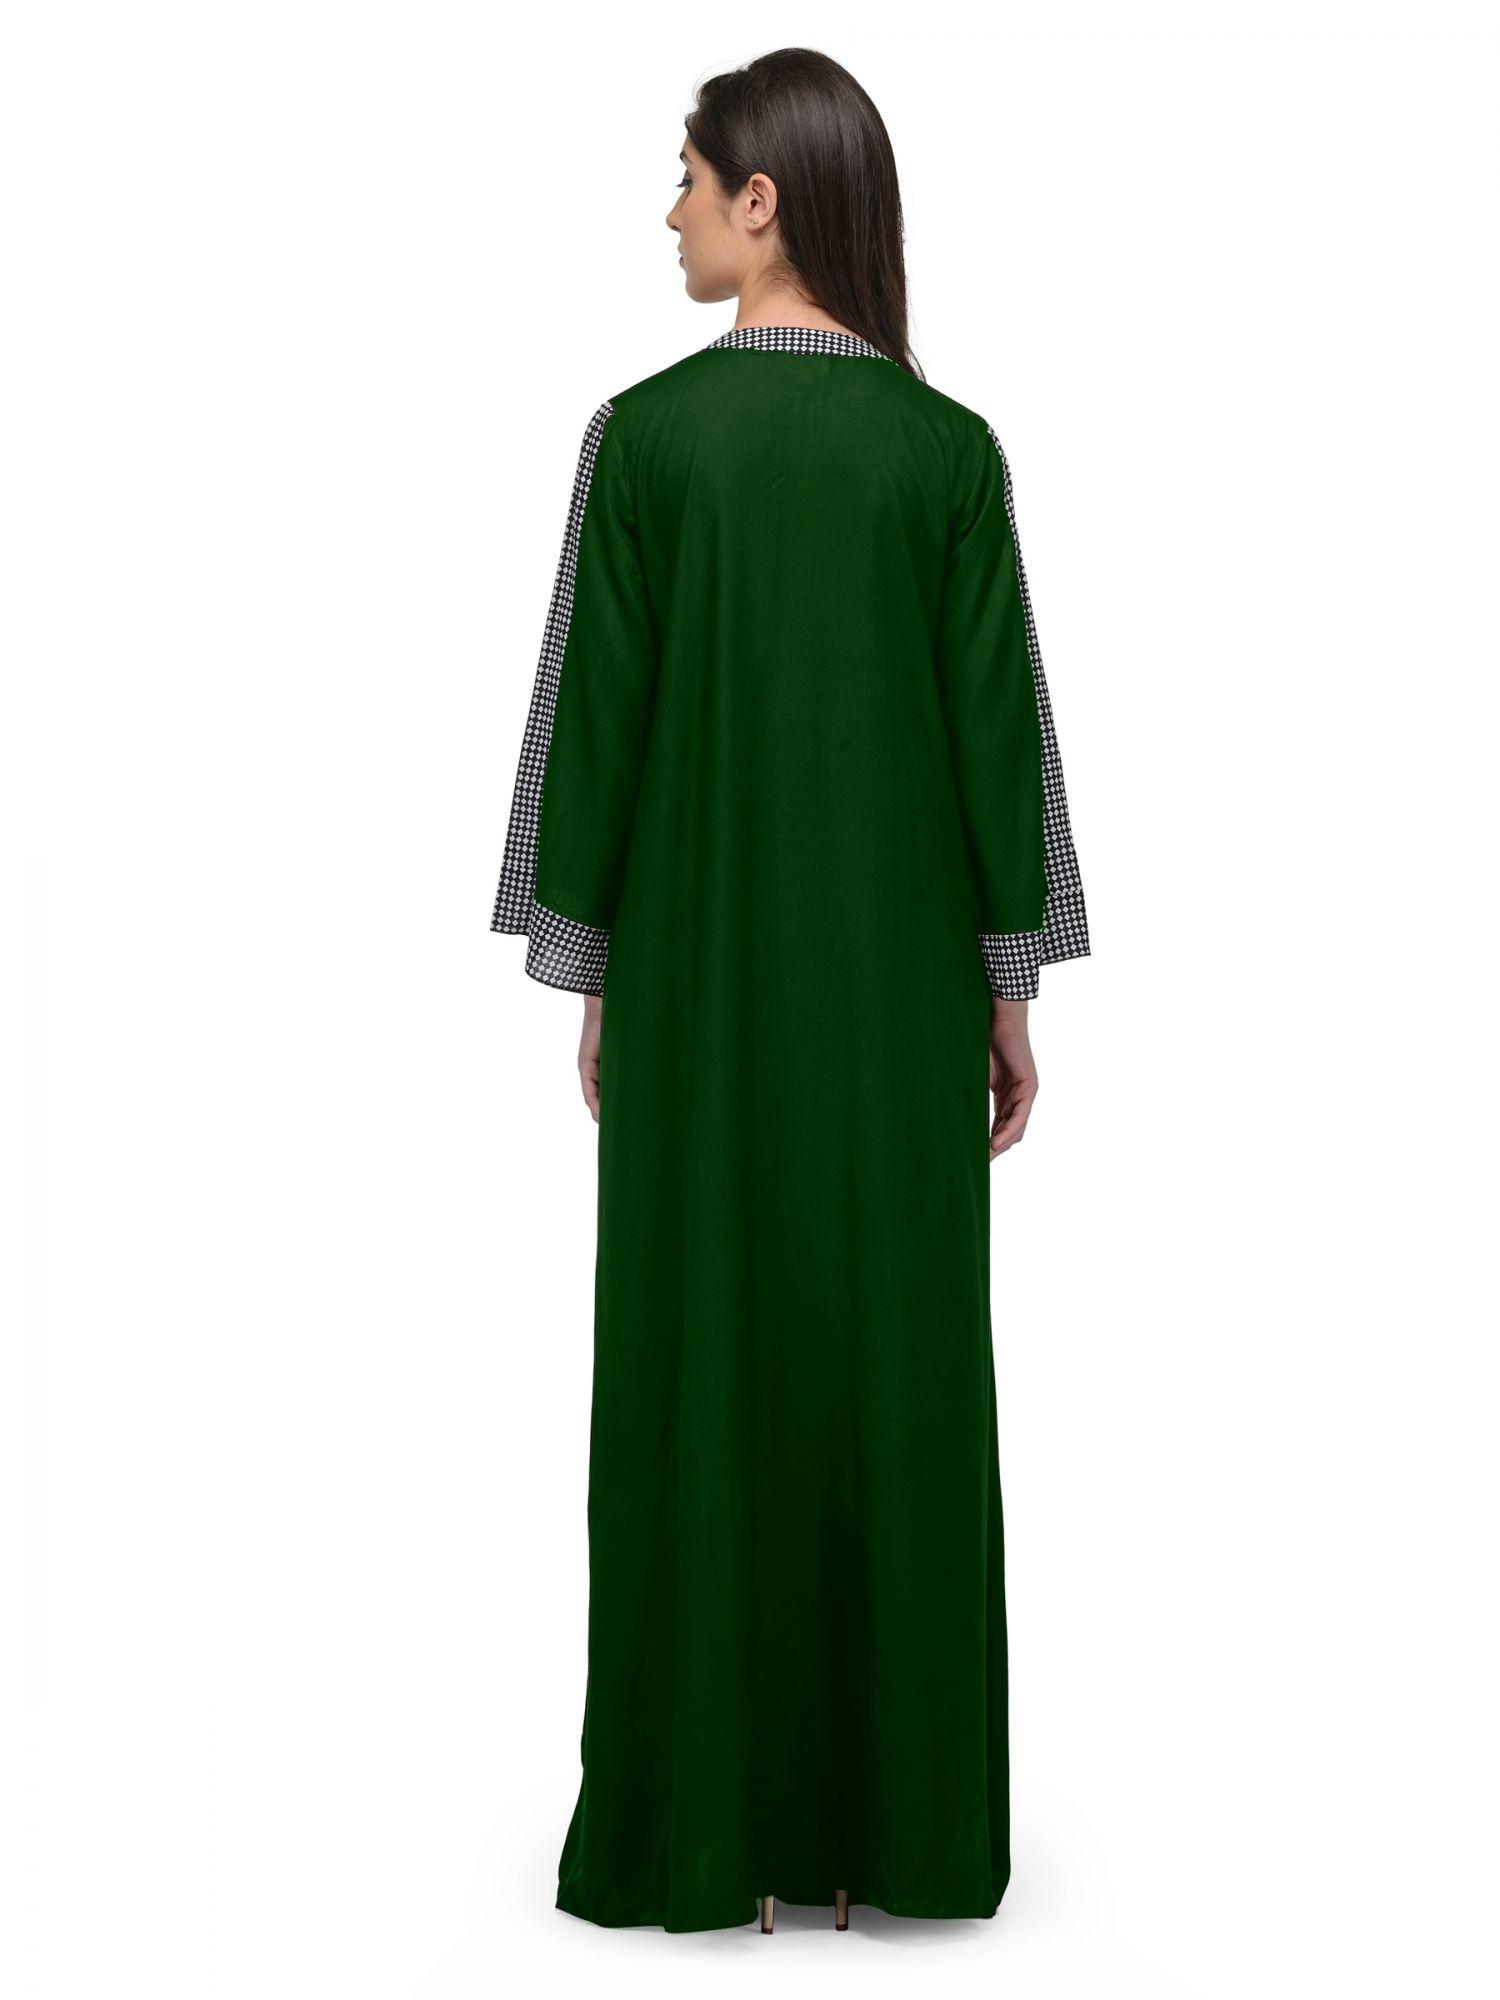 Loose Cut Wrap Nighty Nightgown in Bottle Green